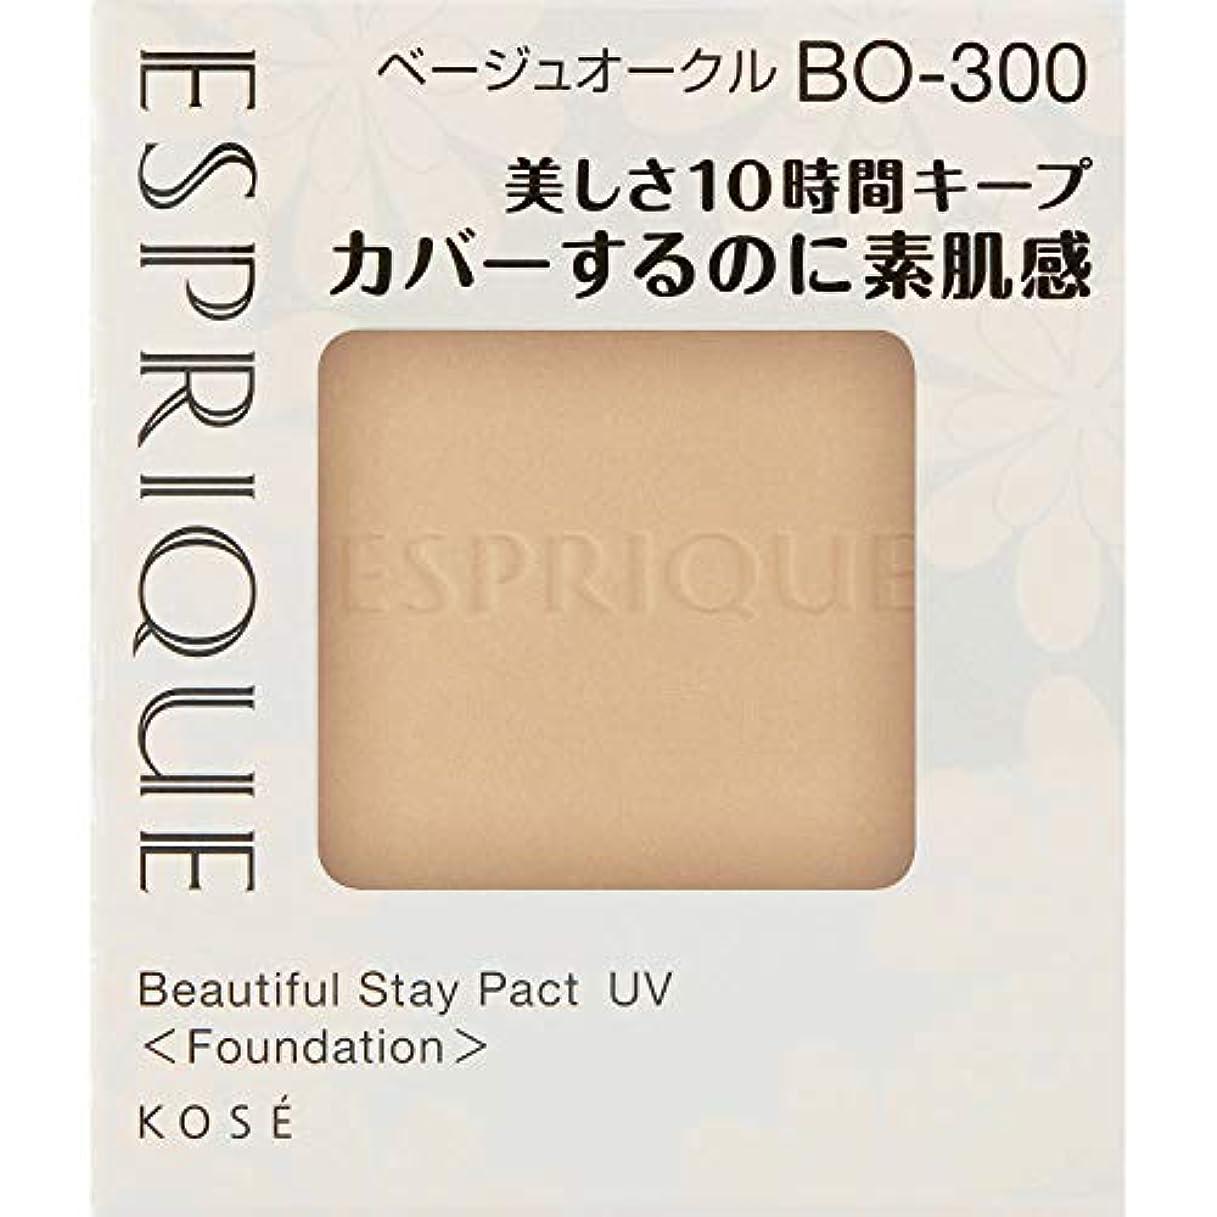 追放する薬理学バランスエスプリーク カバーするのに素肌感持続 パクト UV BO-300 ベージュオークル 9.3g